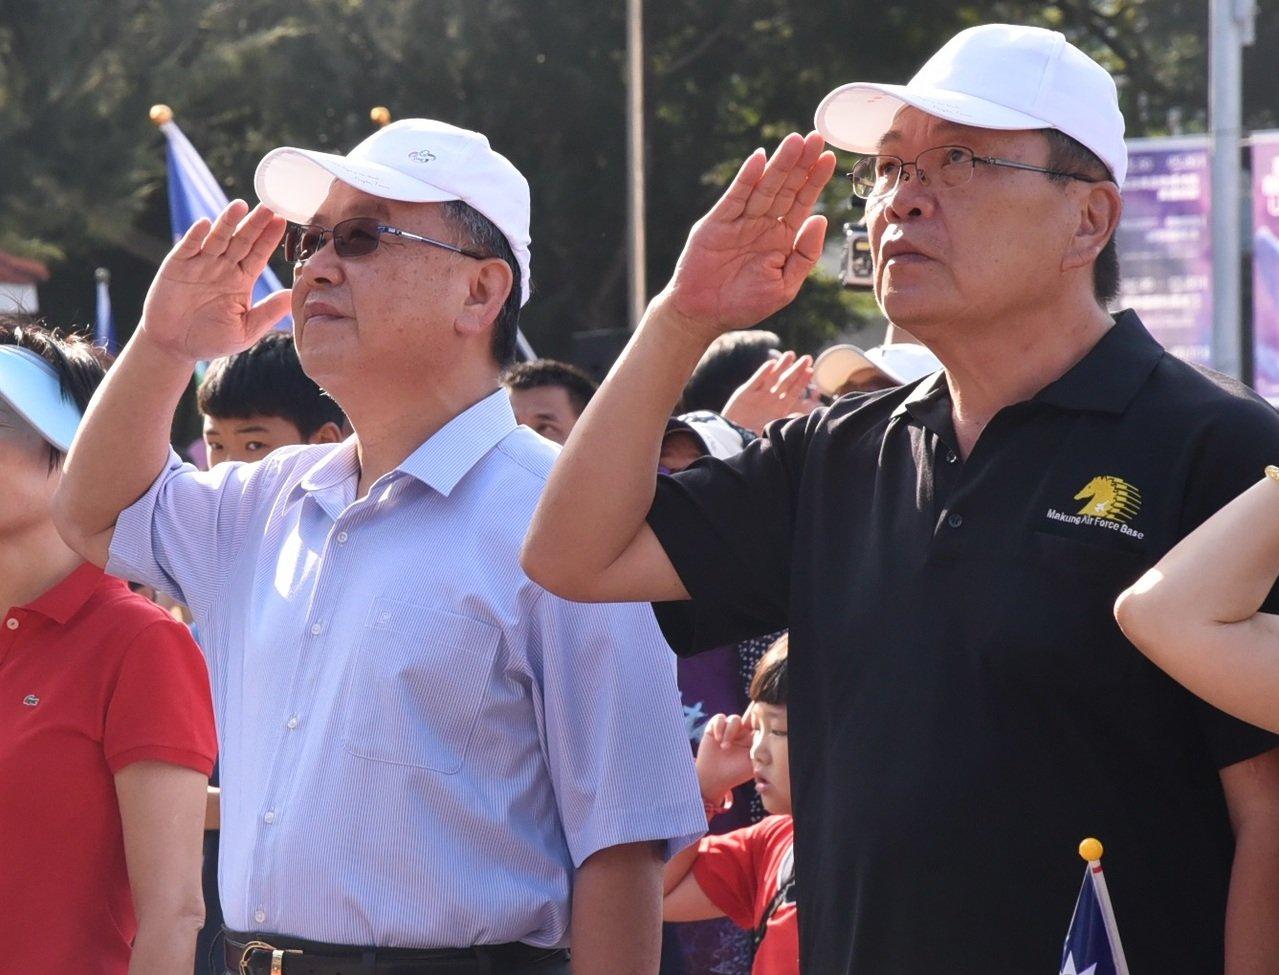 澎湖民政處長驚傳涉貪汙 疑詐議員助理費遭聲押